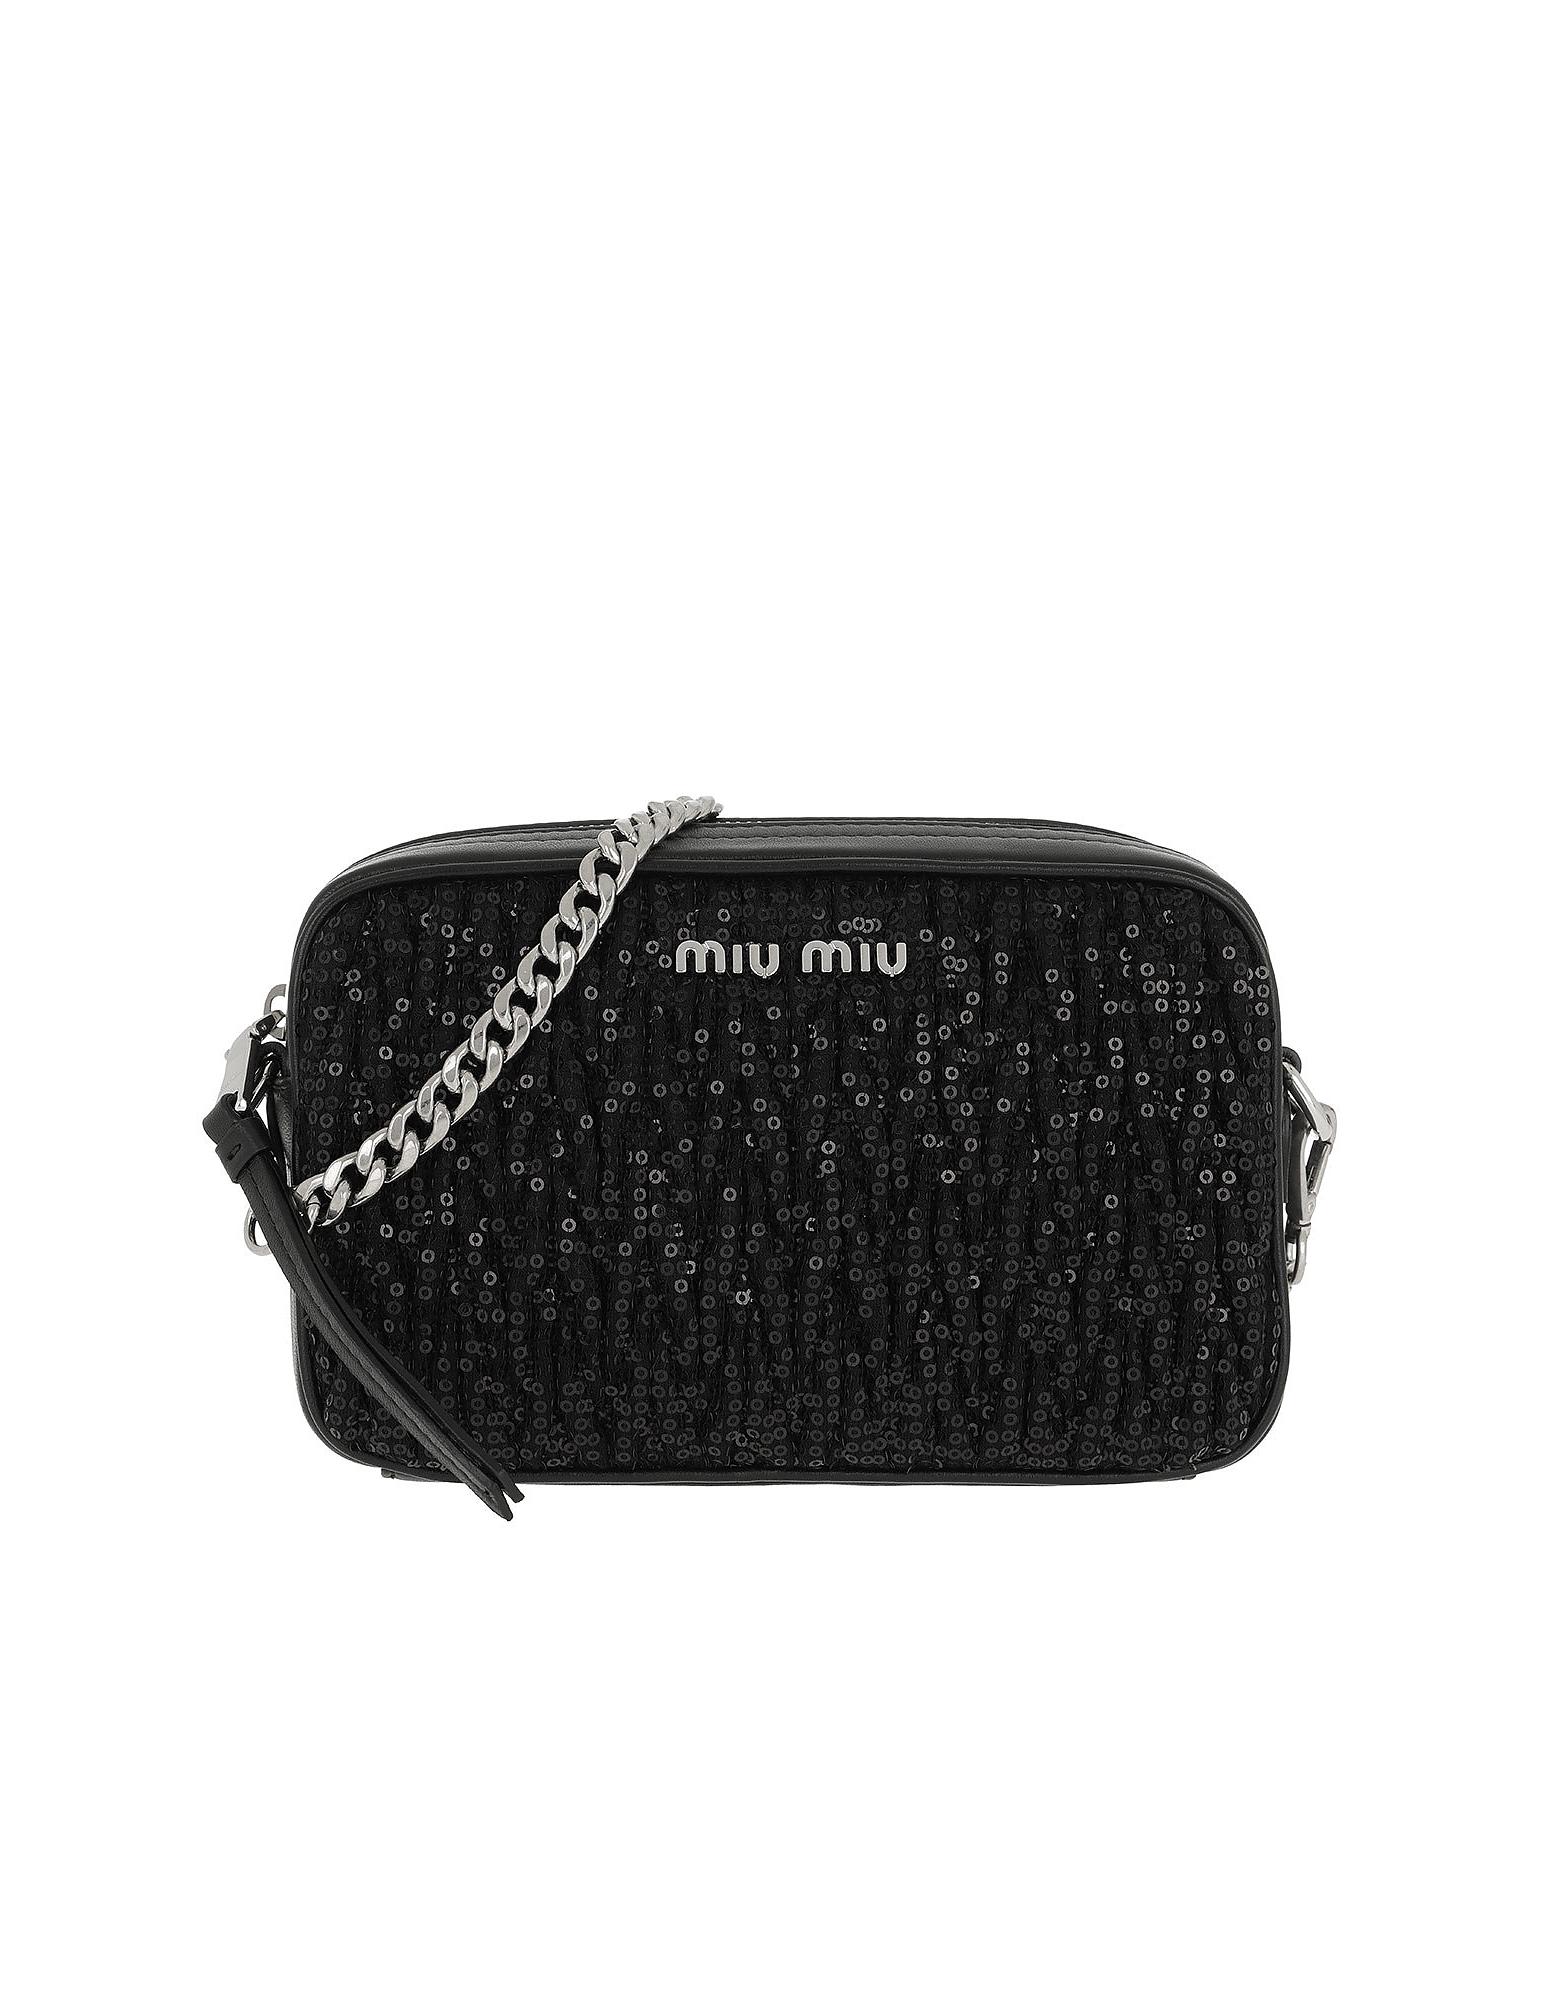 63fb087da968 Miu Miu MatelassÉ Shoulder Bag Sequind And Leather Black | ModeSens